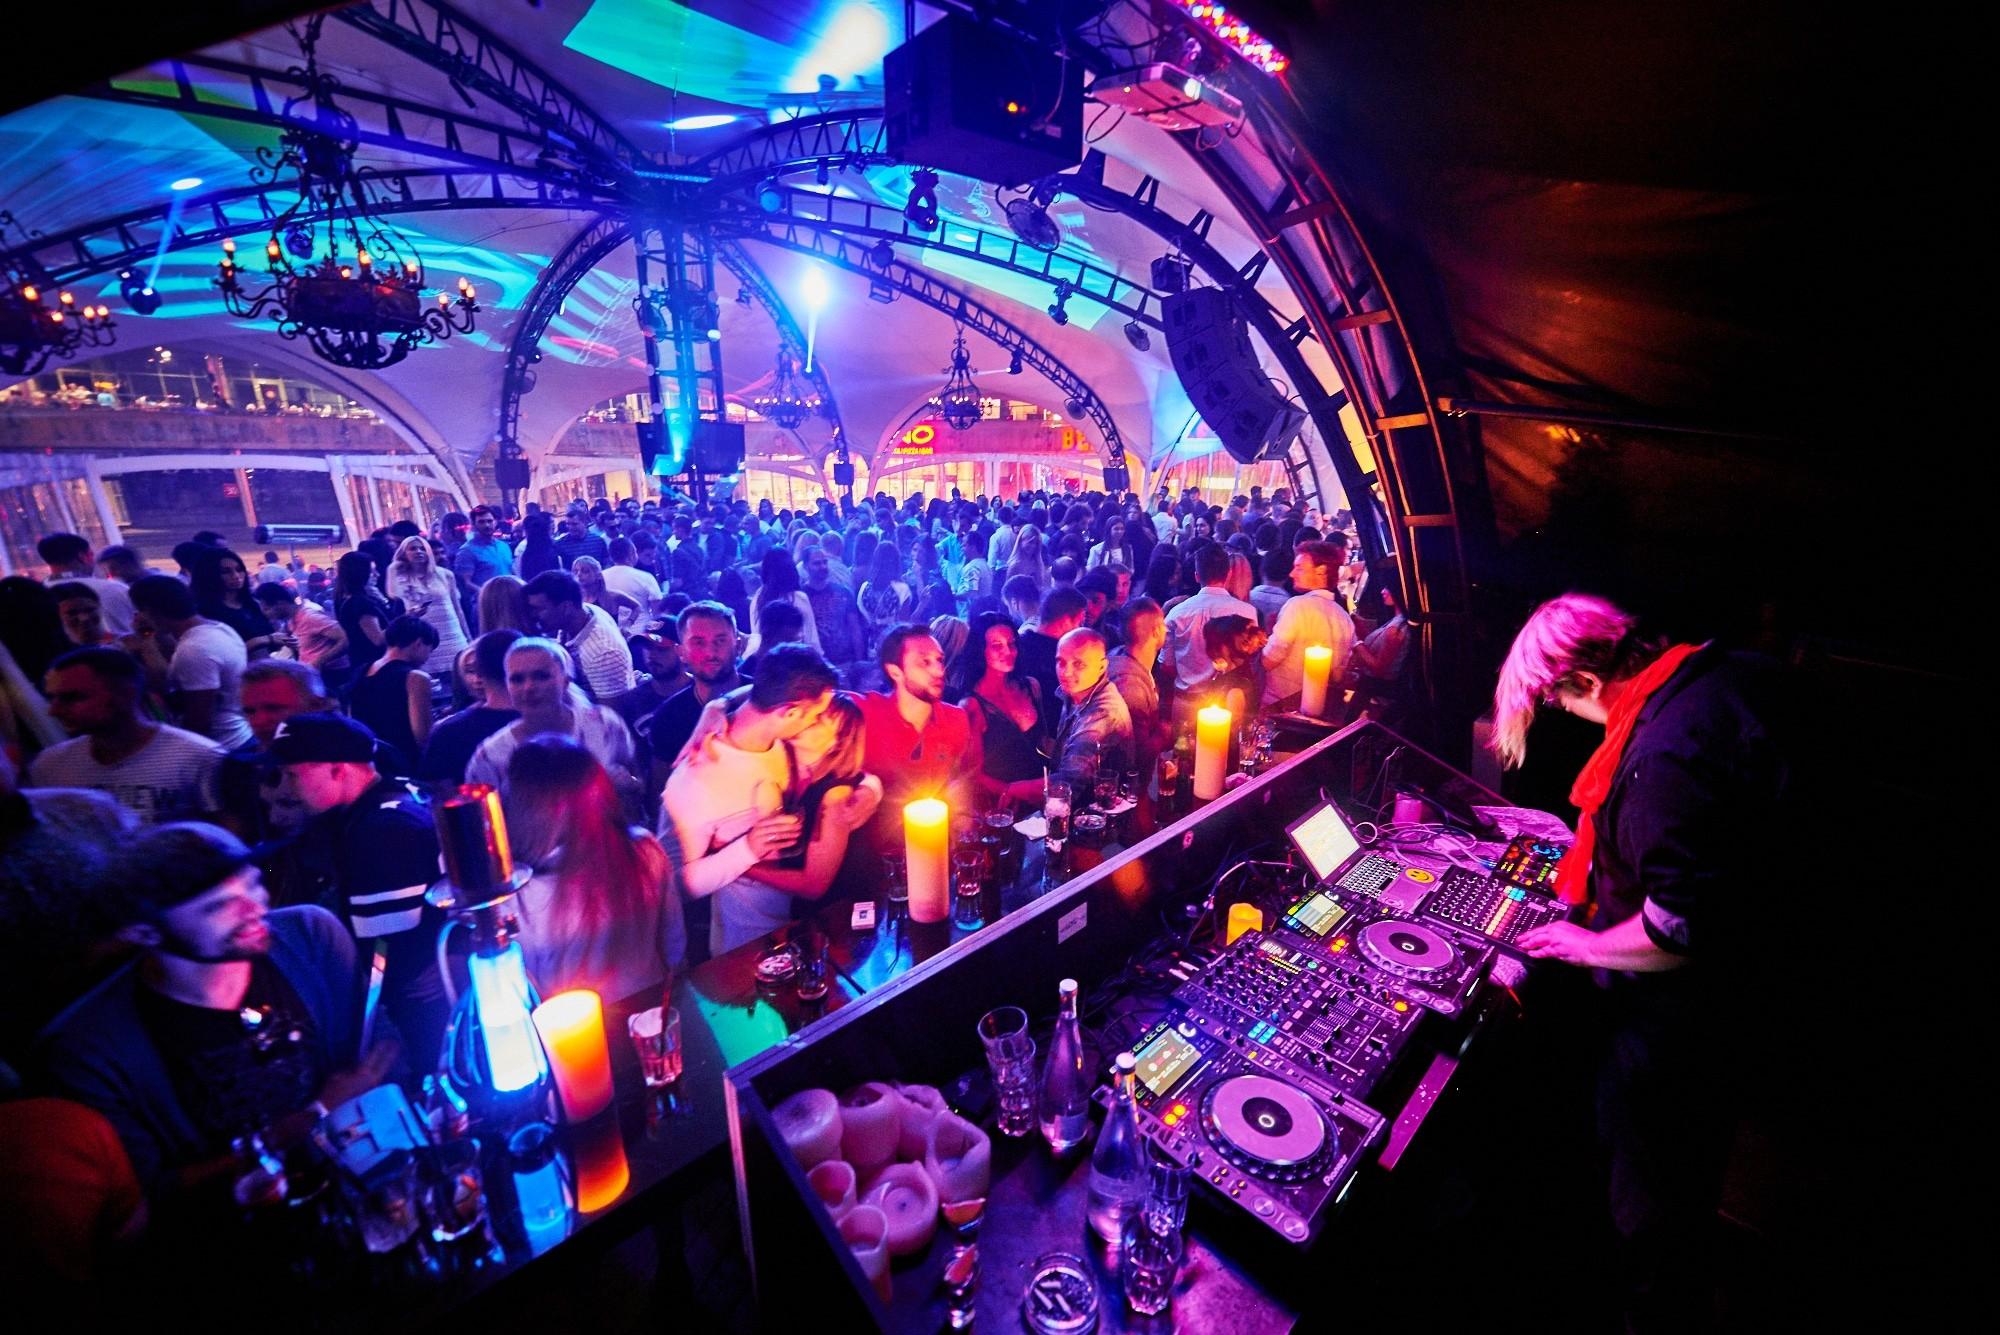 Ночные клубы манят тебя видео танцы мужчины в клубе